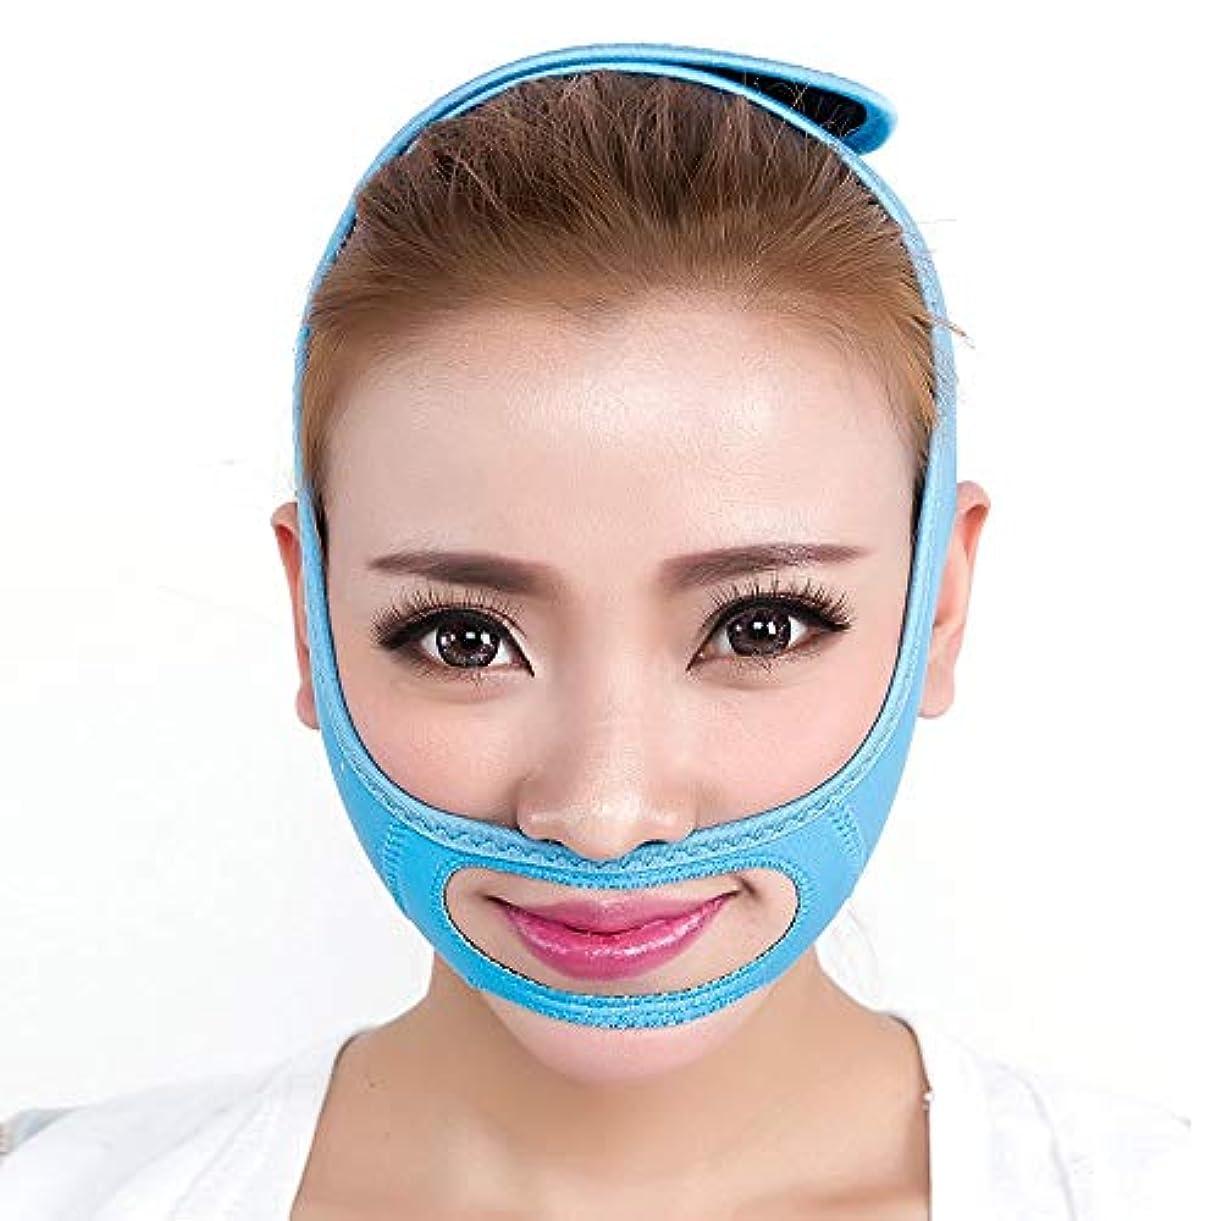 シャベルアンカートレイJia Jia- シンフェイスマスクシンフェイス包帯シンフェイスアーティファクトシンフェイスフェイシャルリフティングシンフェイススモールVフェイススリープシンフェイスベルト 顔面包帯 (色 : B)